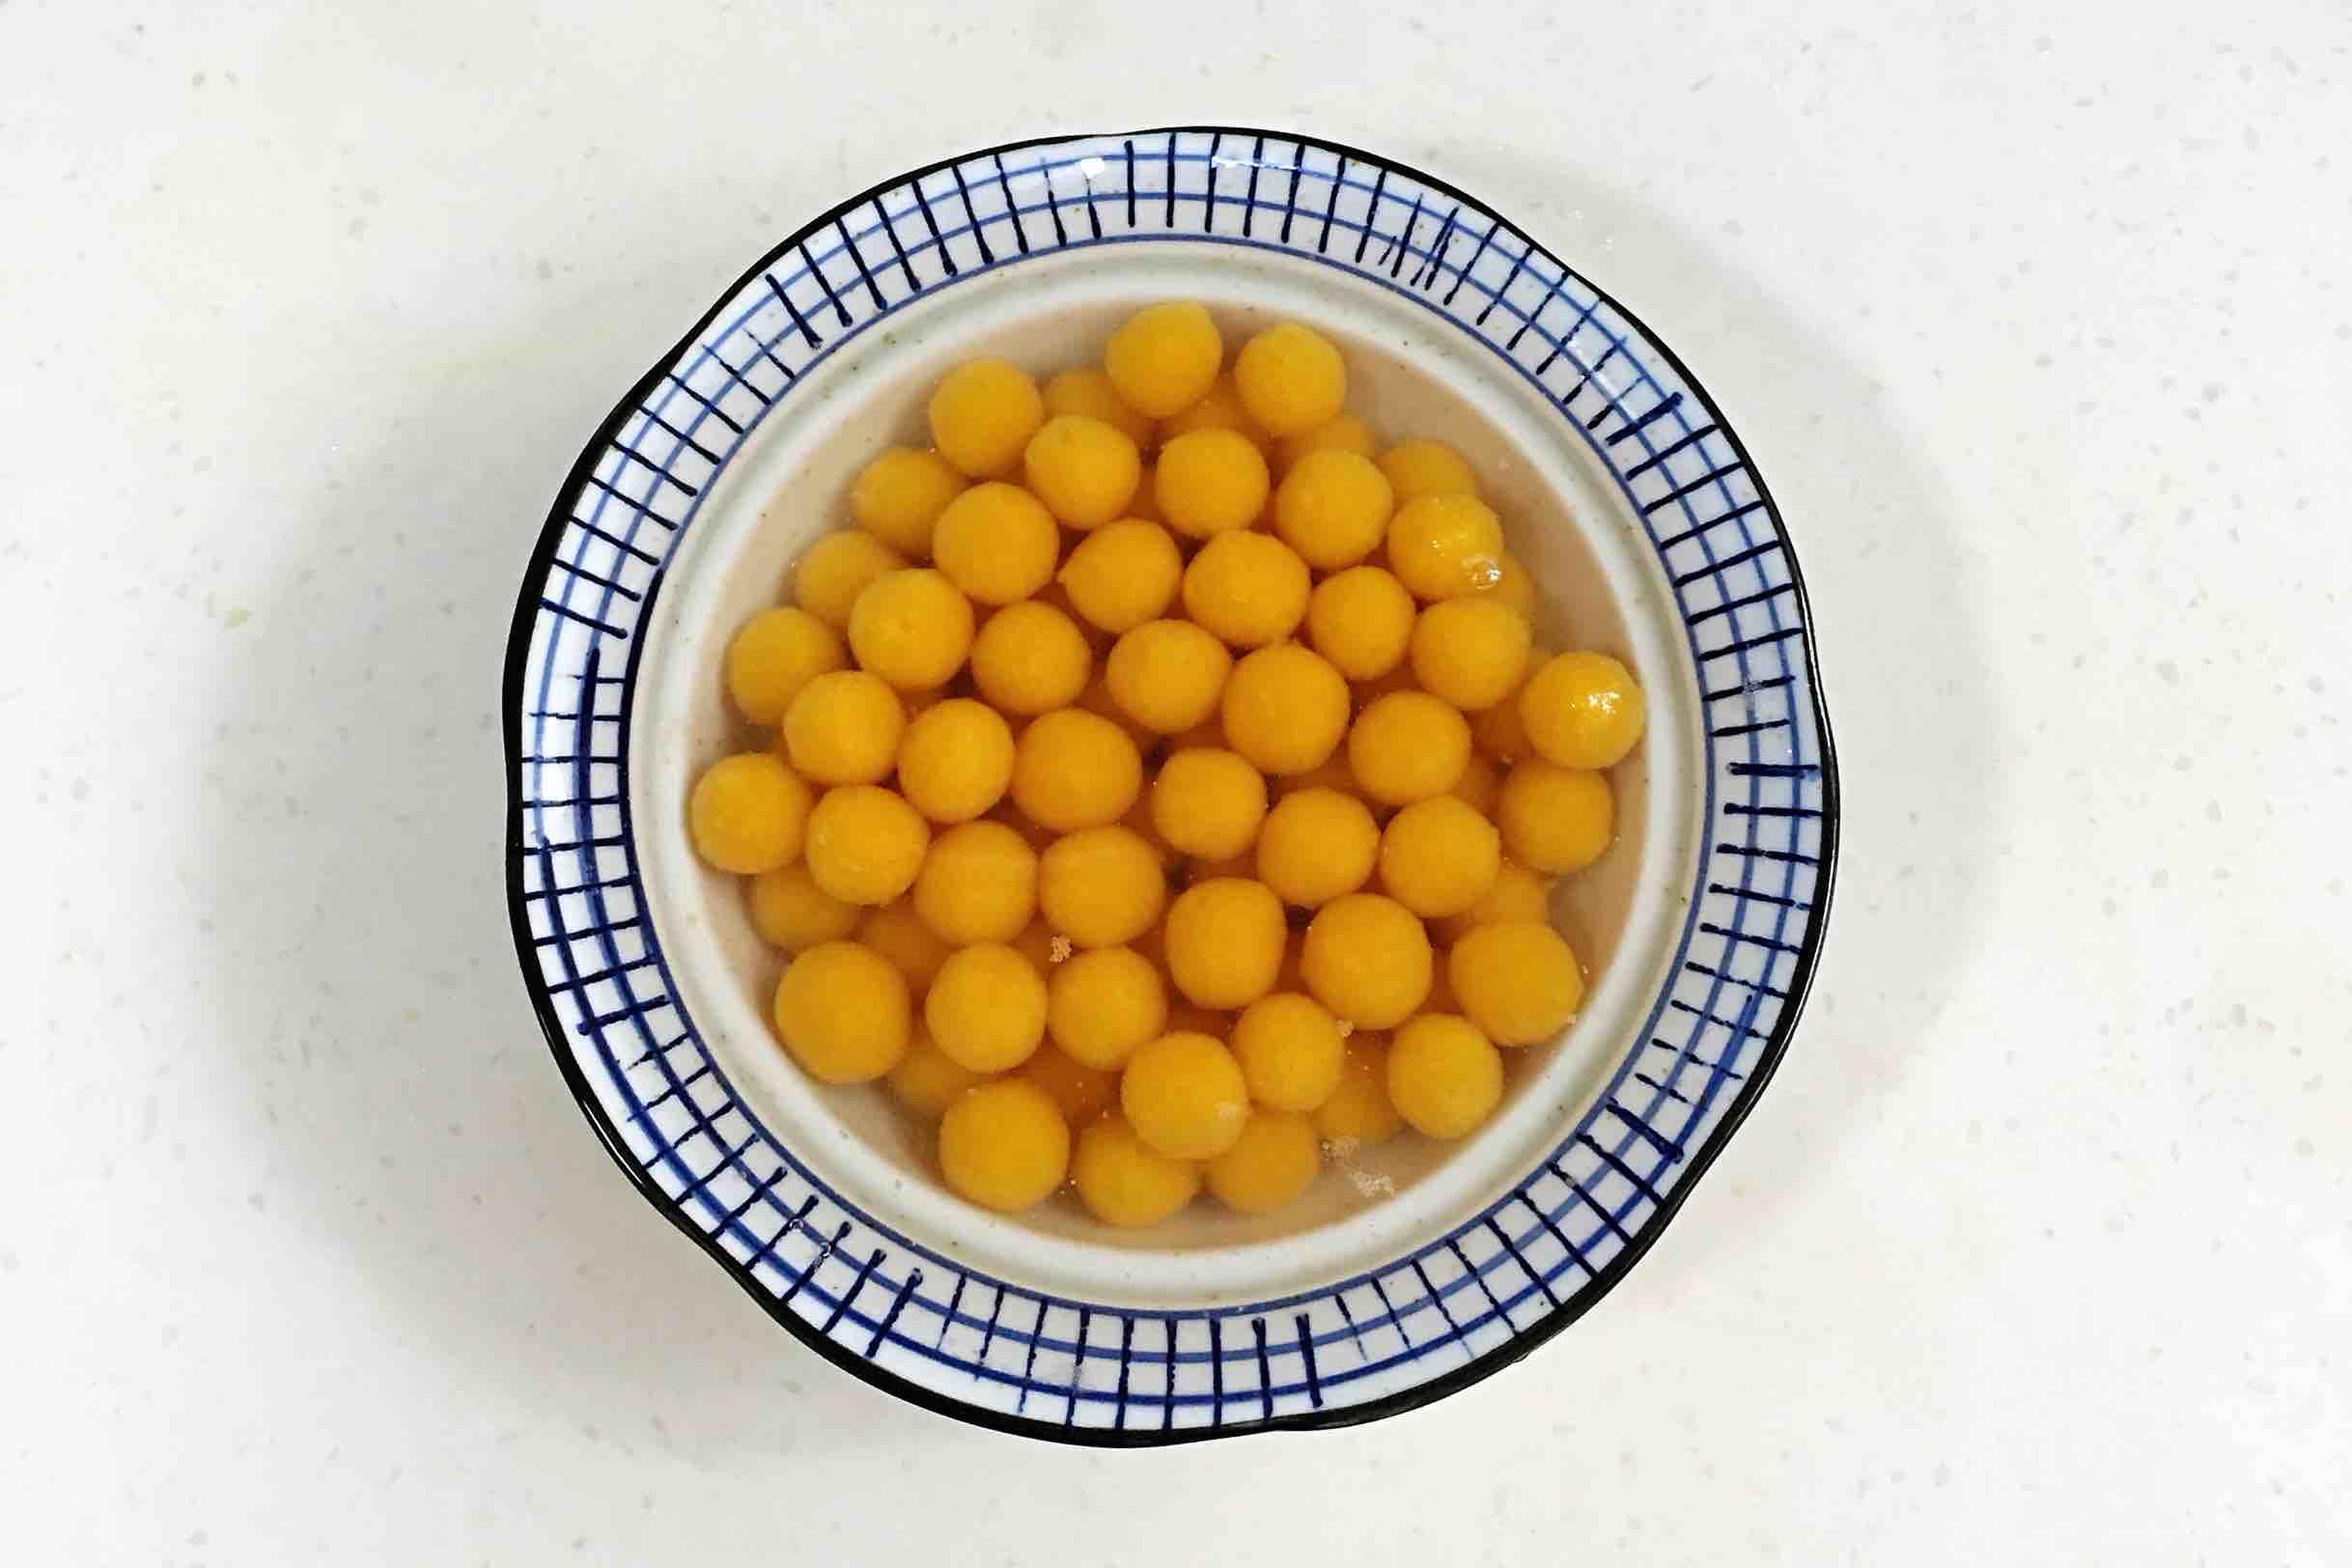 姜汁玫瑰红糖南瓜圆子怎么煮